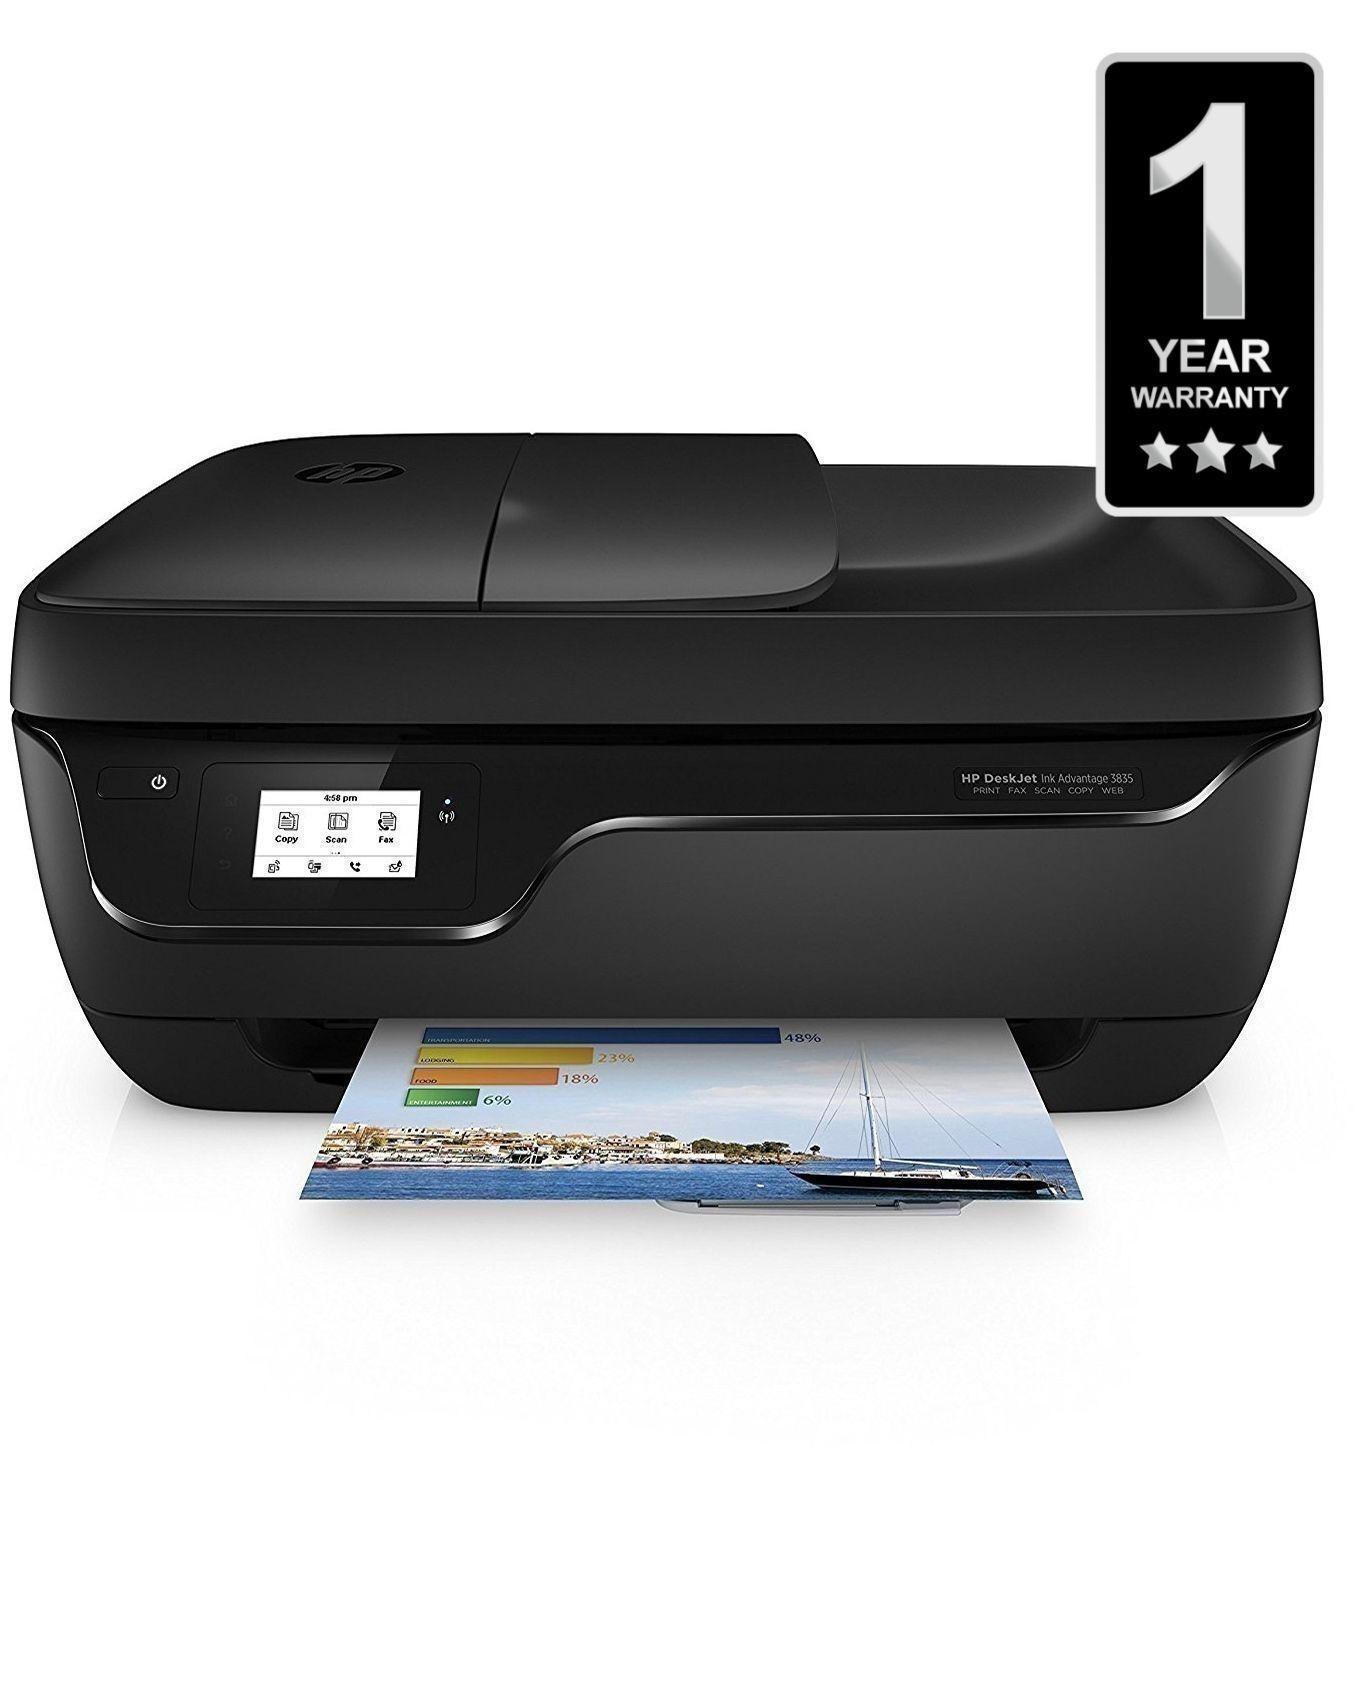 מרענן Desk Jet Ink Advantage 4675 All-in-One Printer: Buy Sell Online EB-57